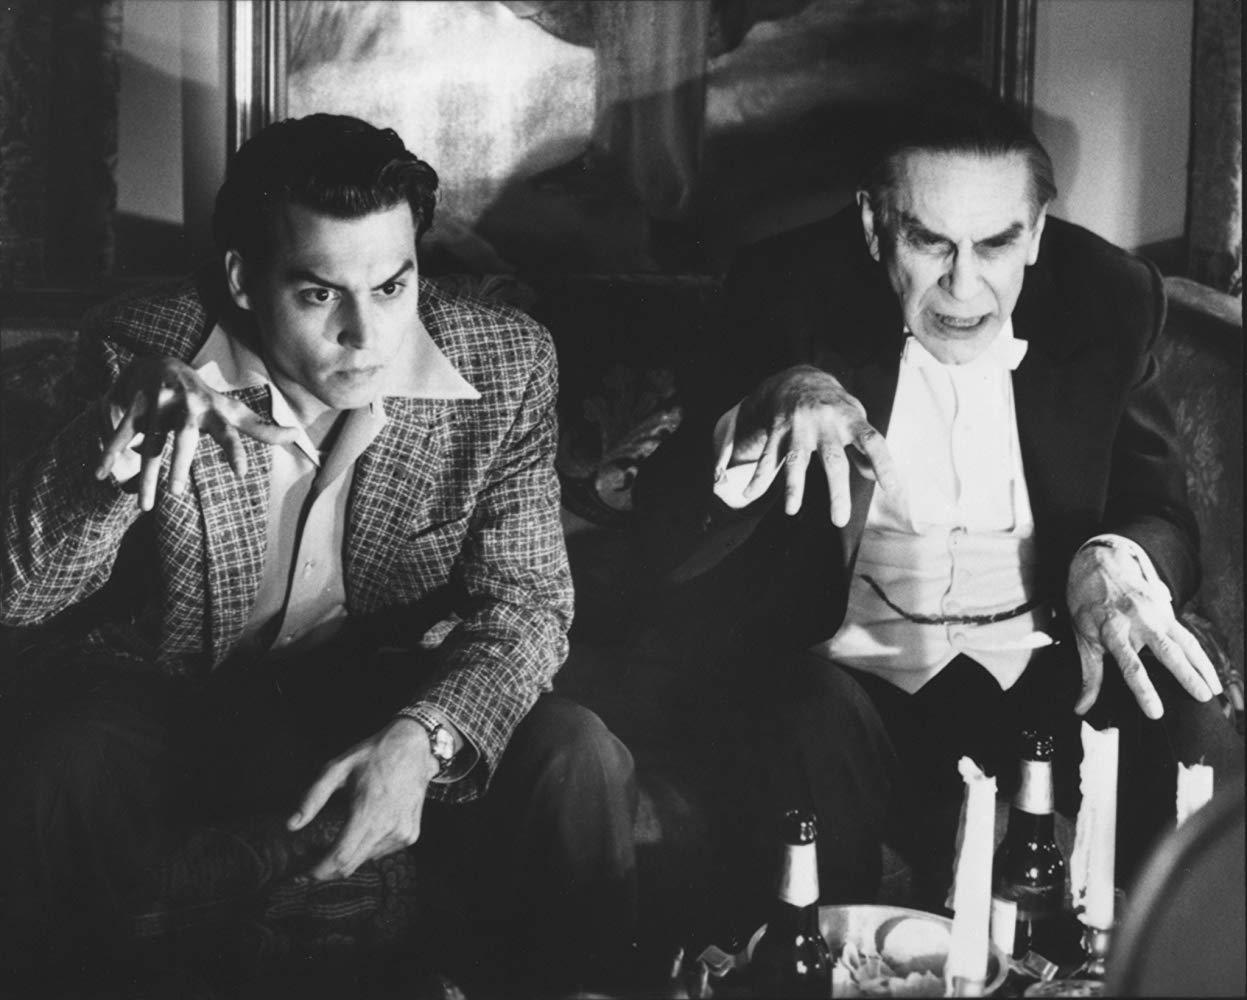 «اد وود»، ادای دین تیم برتون به یاد بدترین فیلمساز تاریخ!